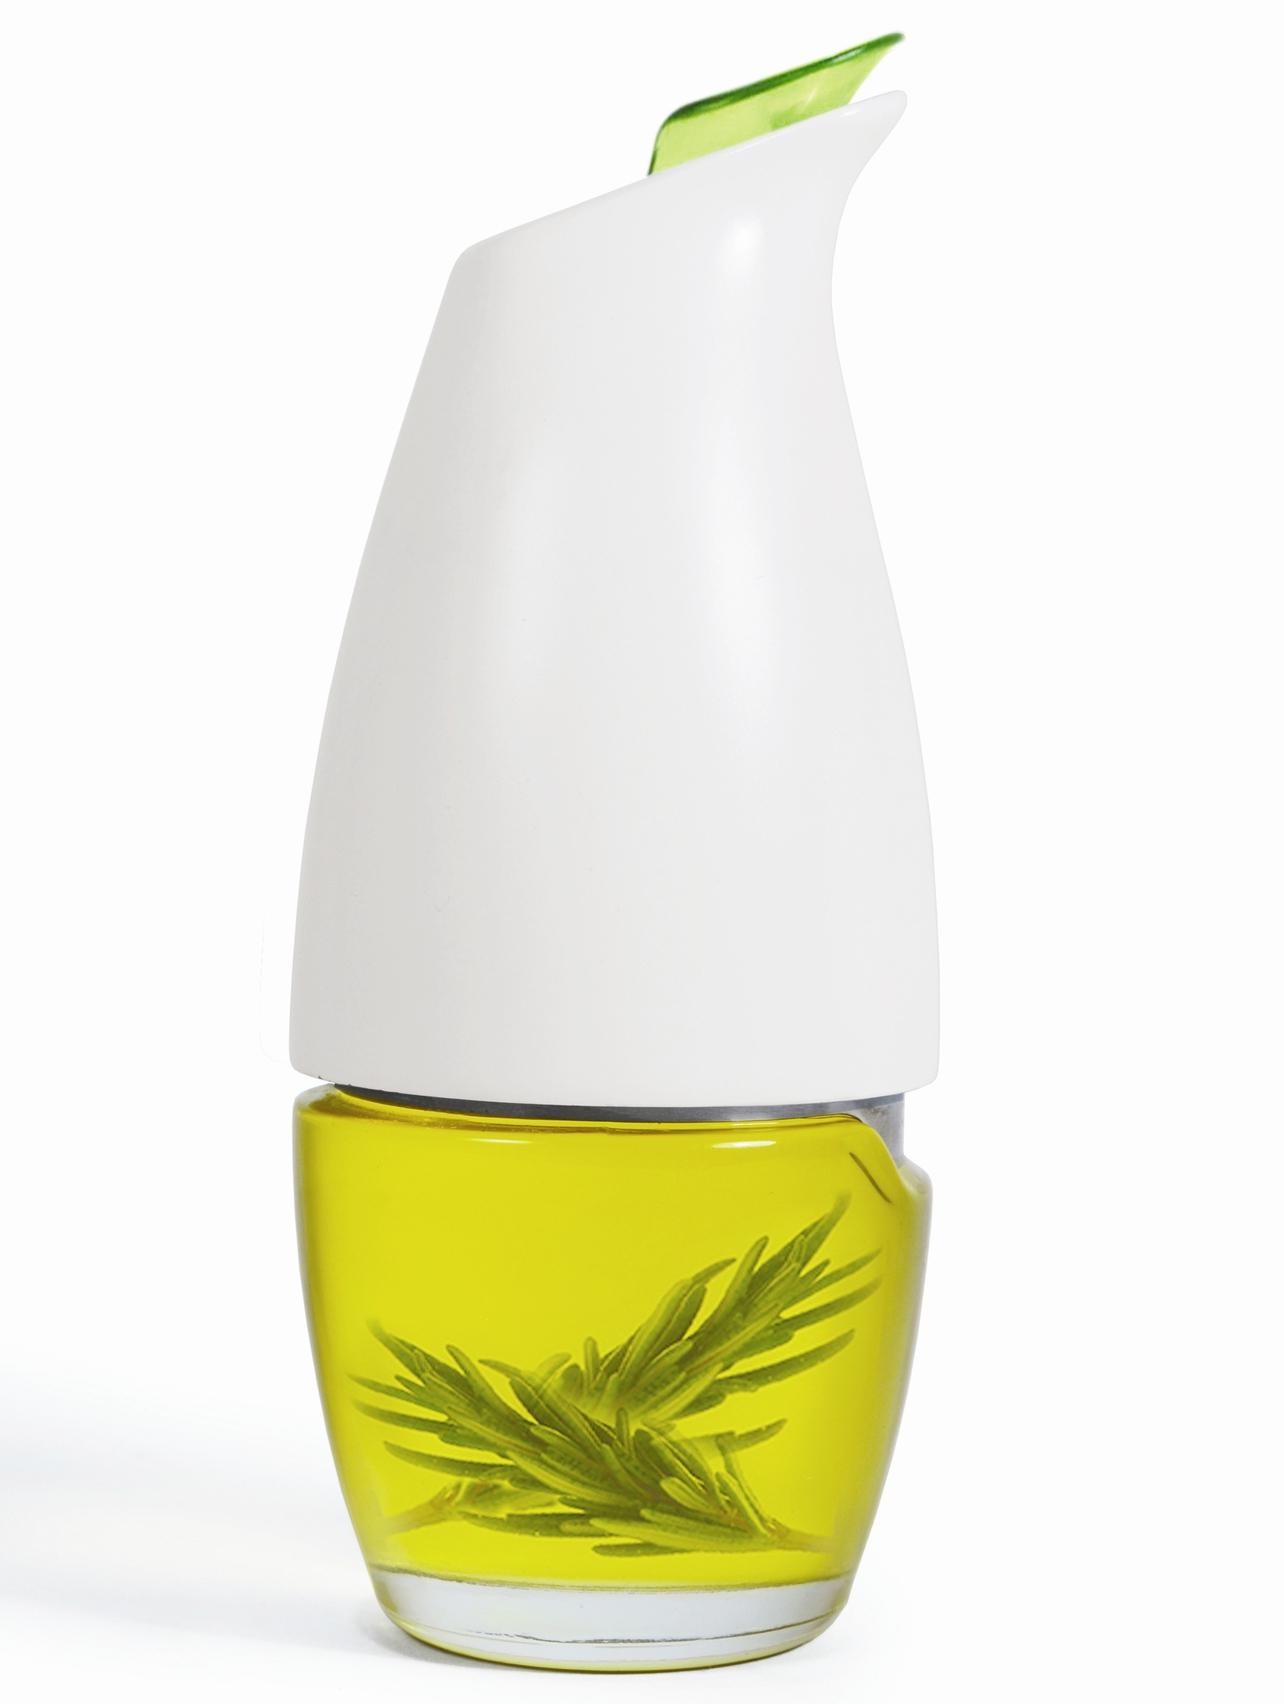 Prepara White Gourmet Oil Cruet, 5 Ounce